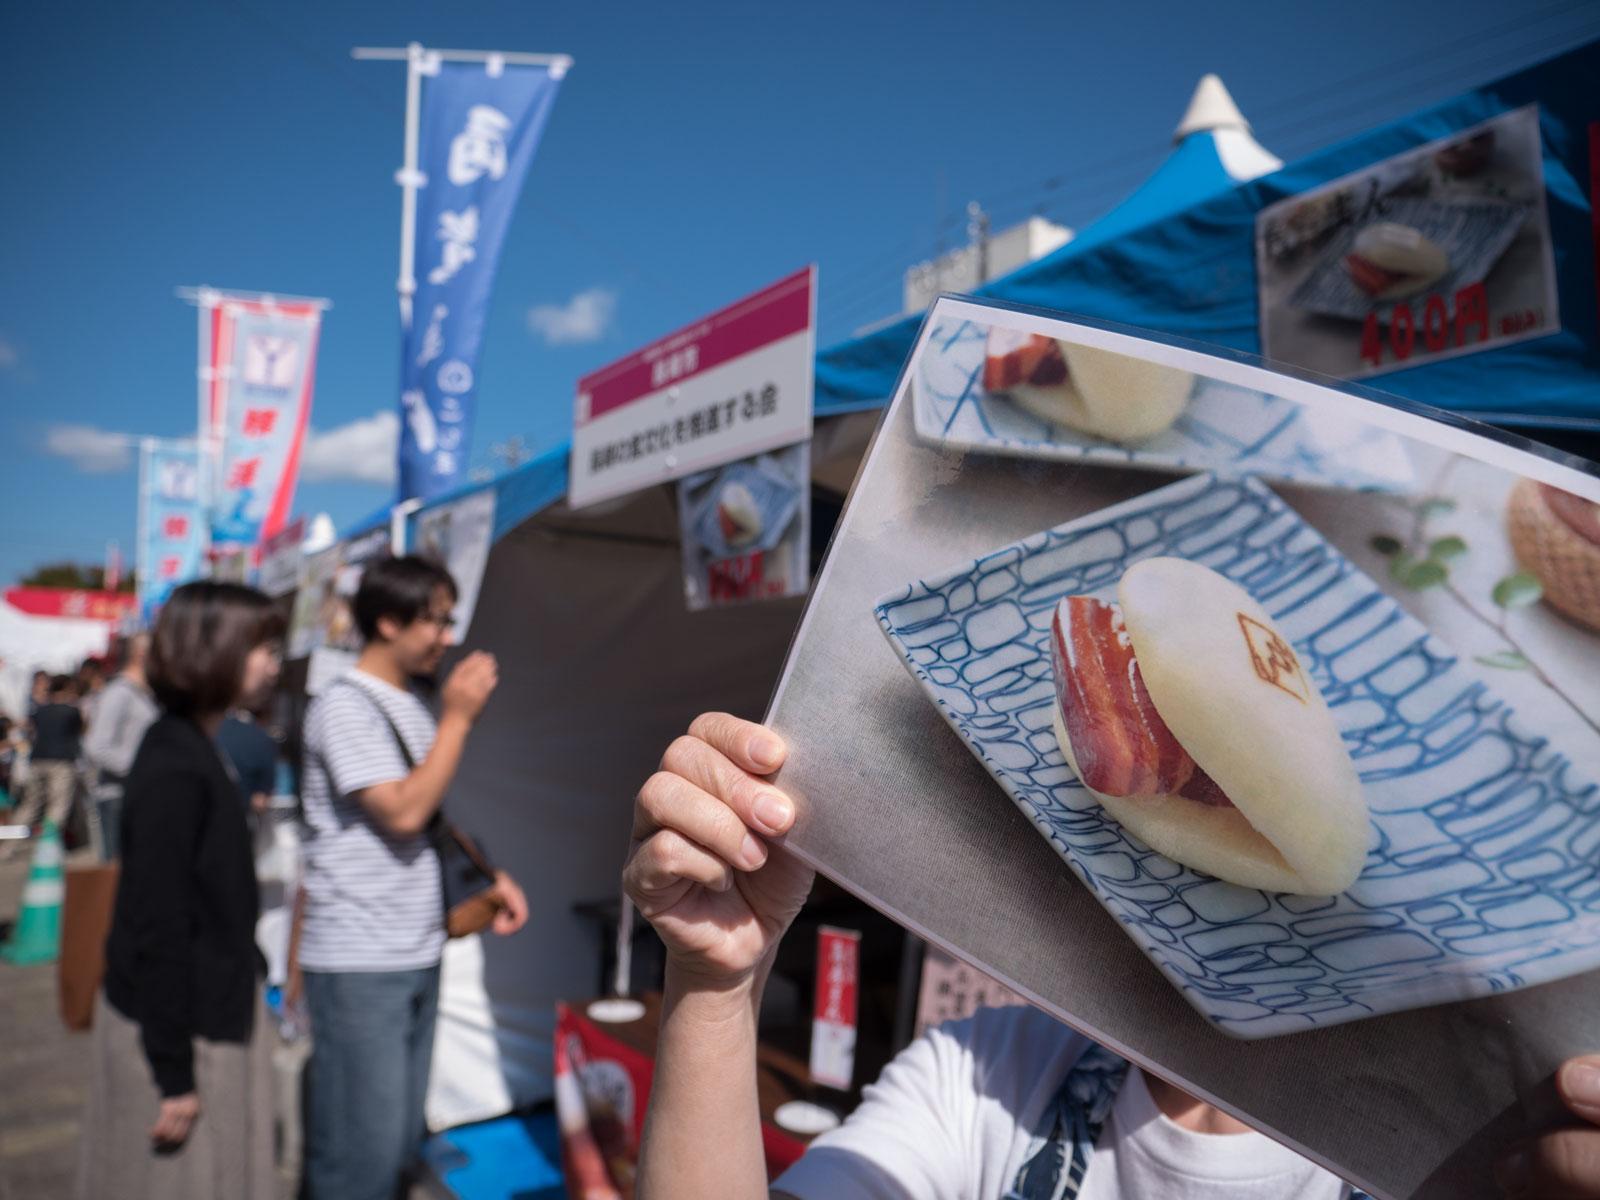 豚の角煮まんの写真を掲げて呼び込みをする女性